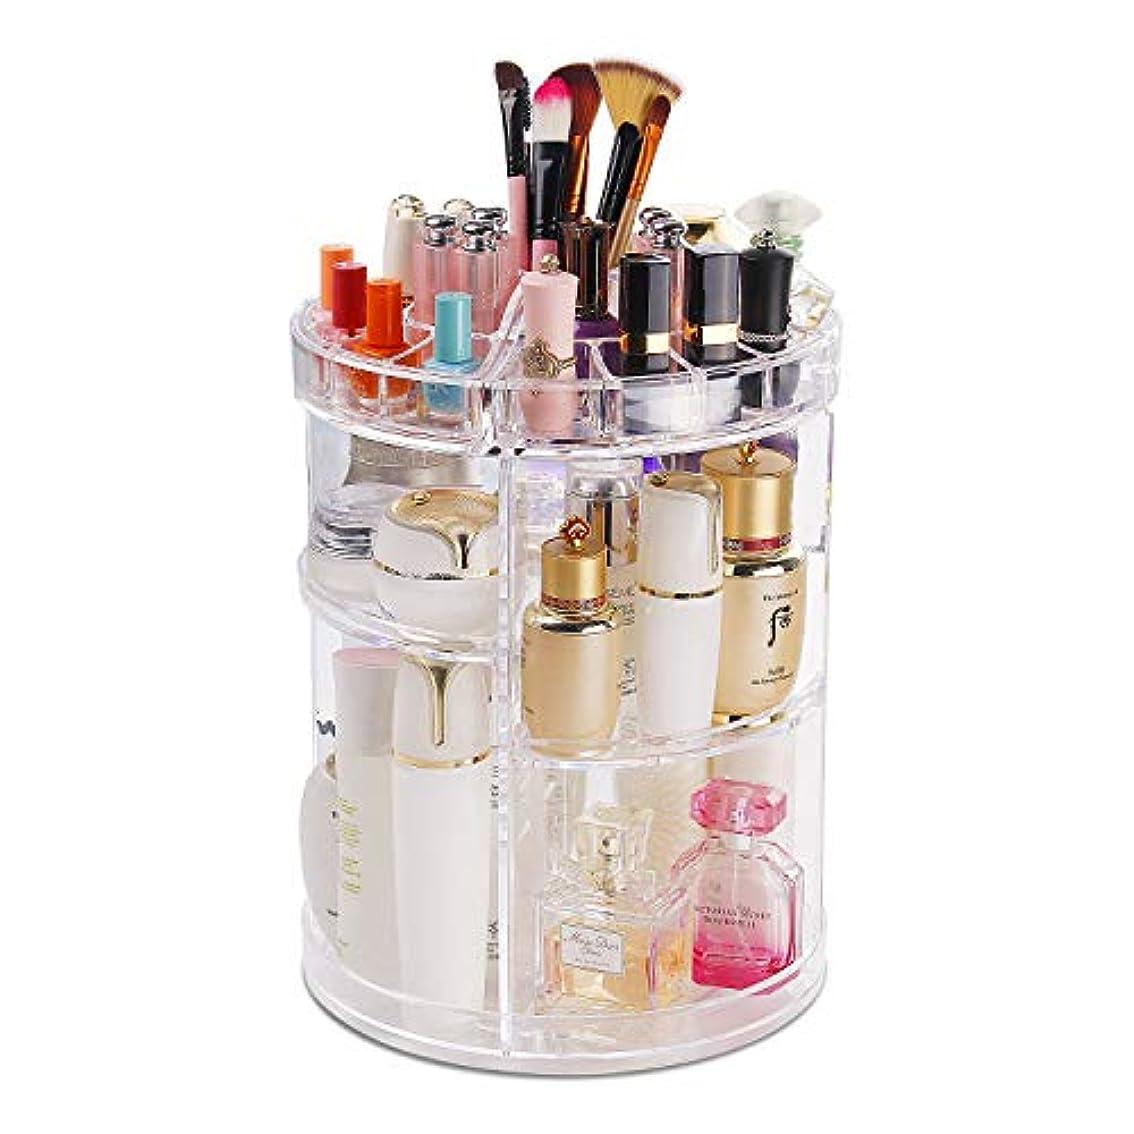 人気公平なメディカル化粧品収納ボックス コスメボックス 360度回転化粧品収納ラック 大容量透明化粧品ケース メイクボックス 女の子のギフト